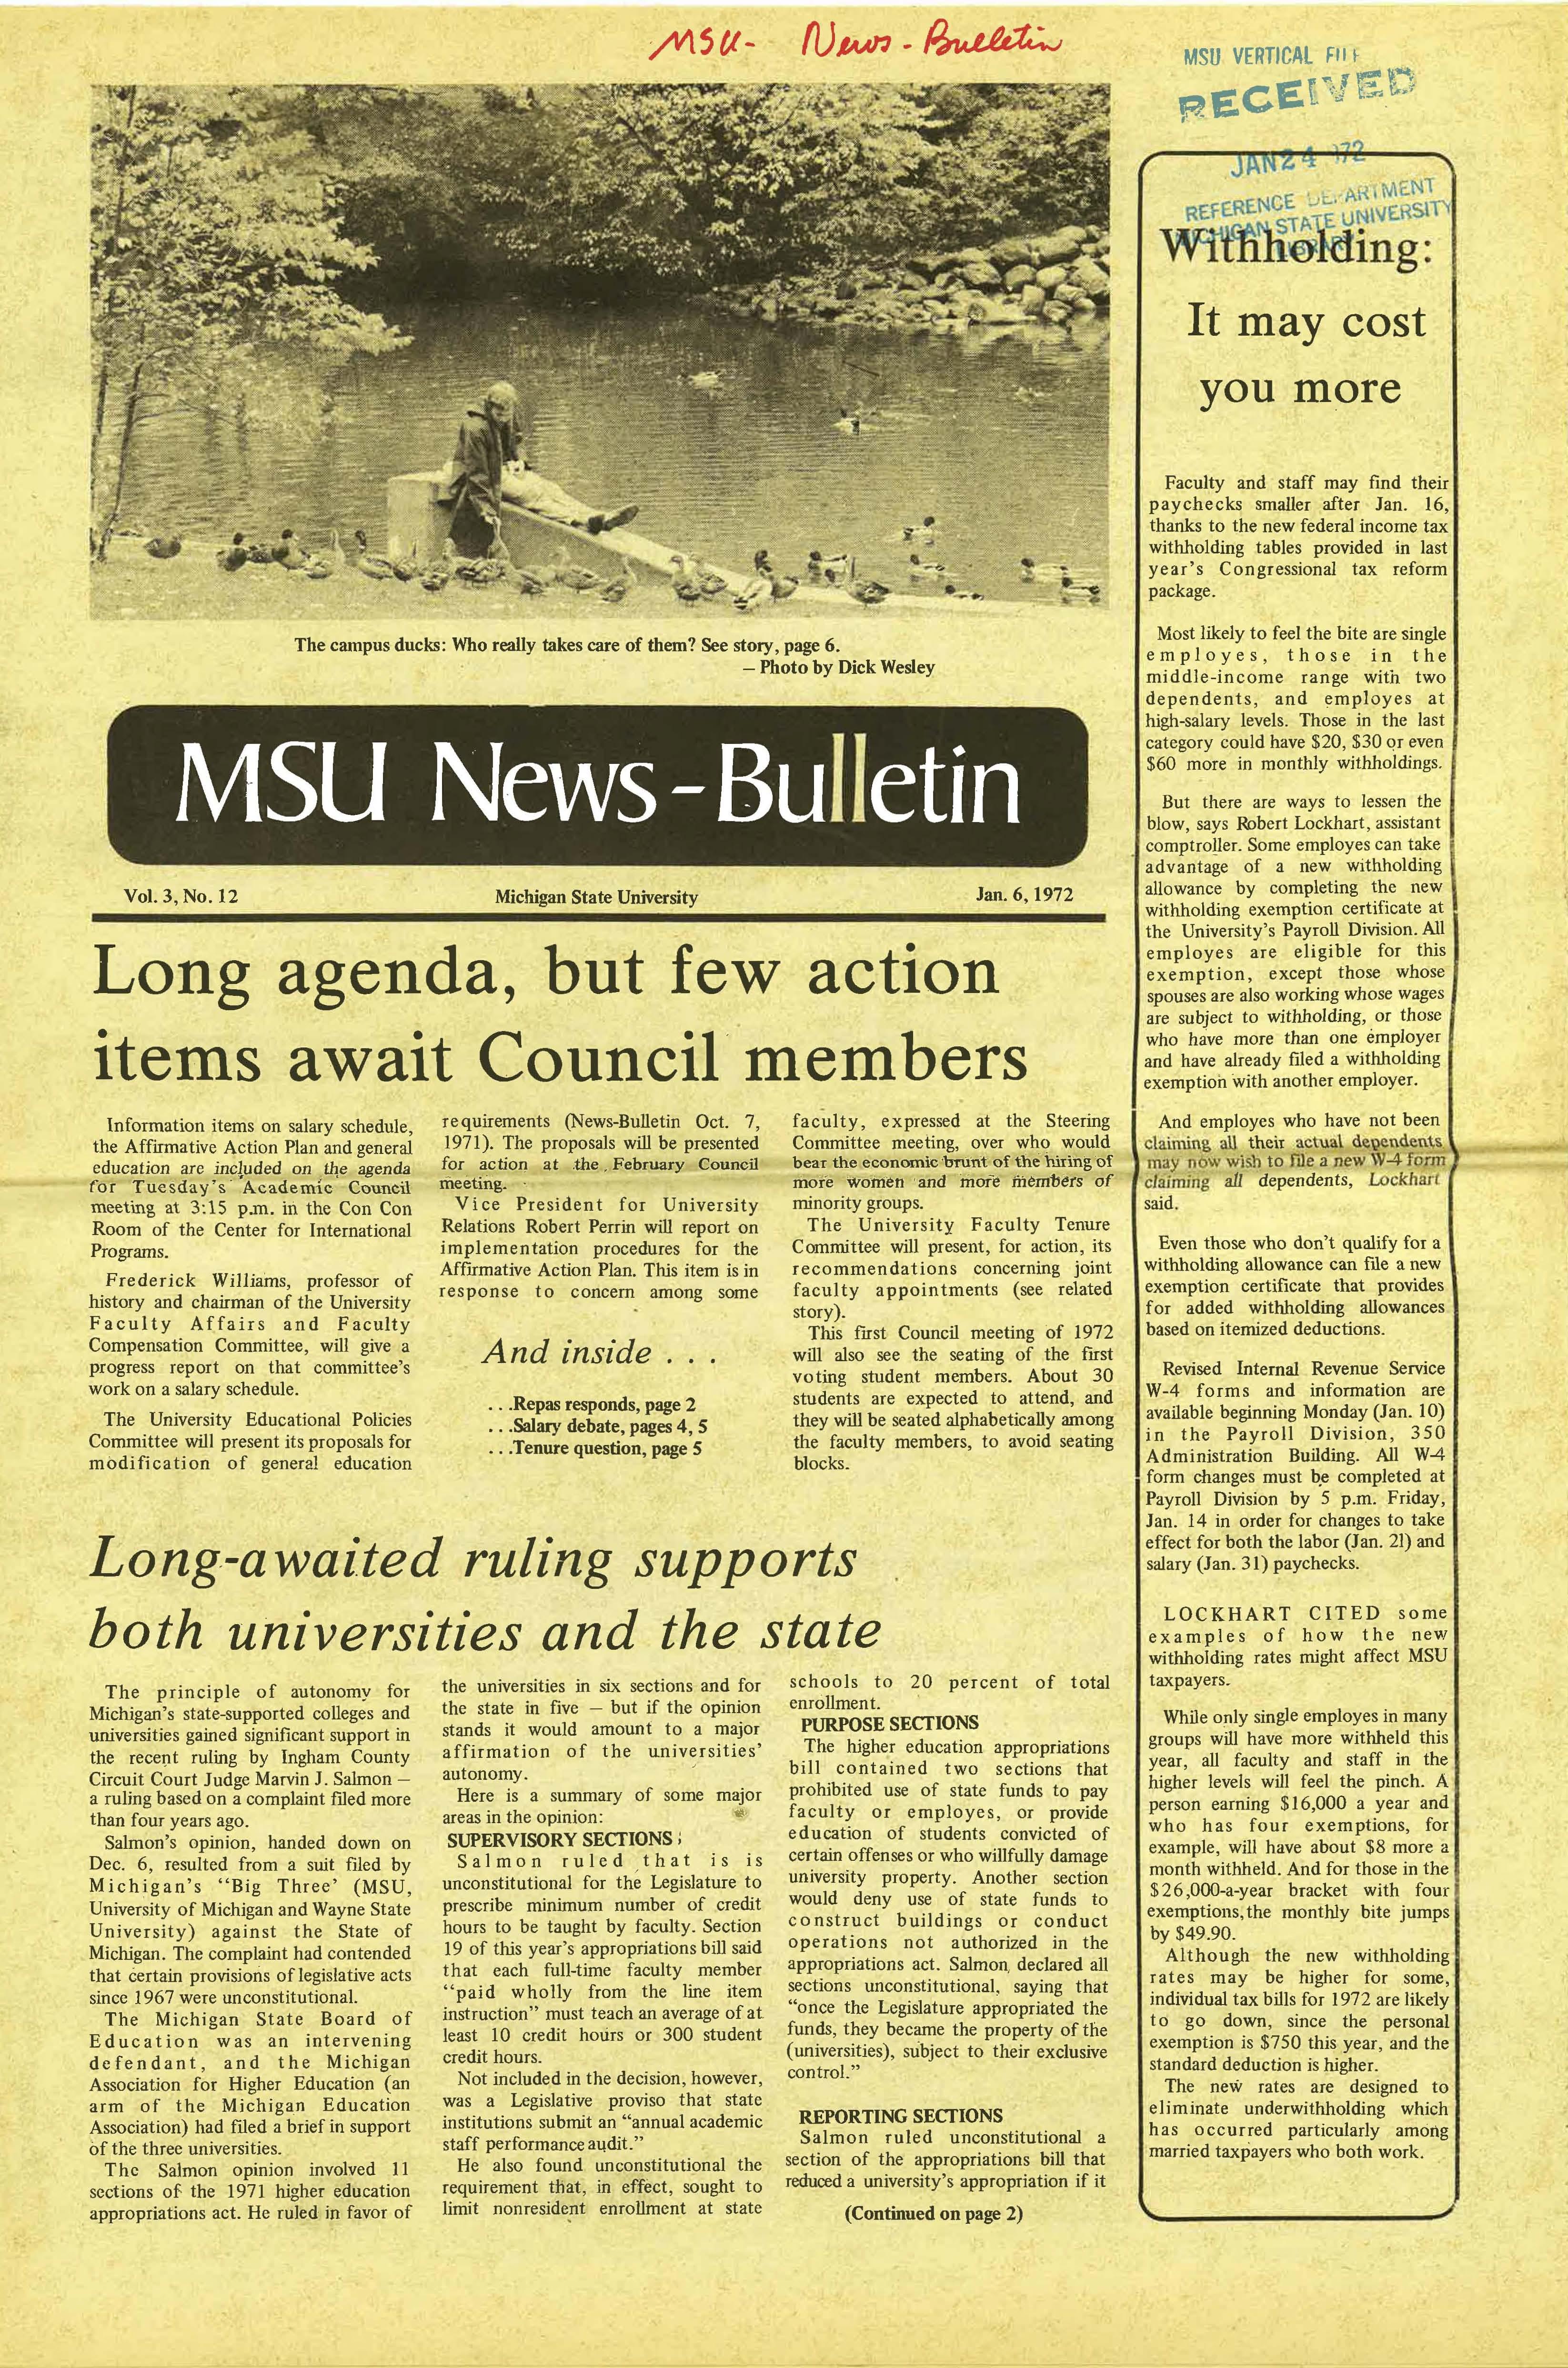 MSU News Bulletin, vol. 3, No. 31, June 1, 1972